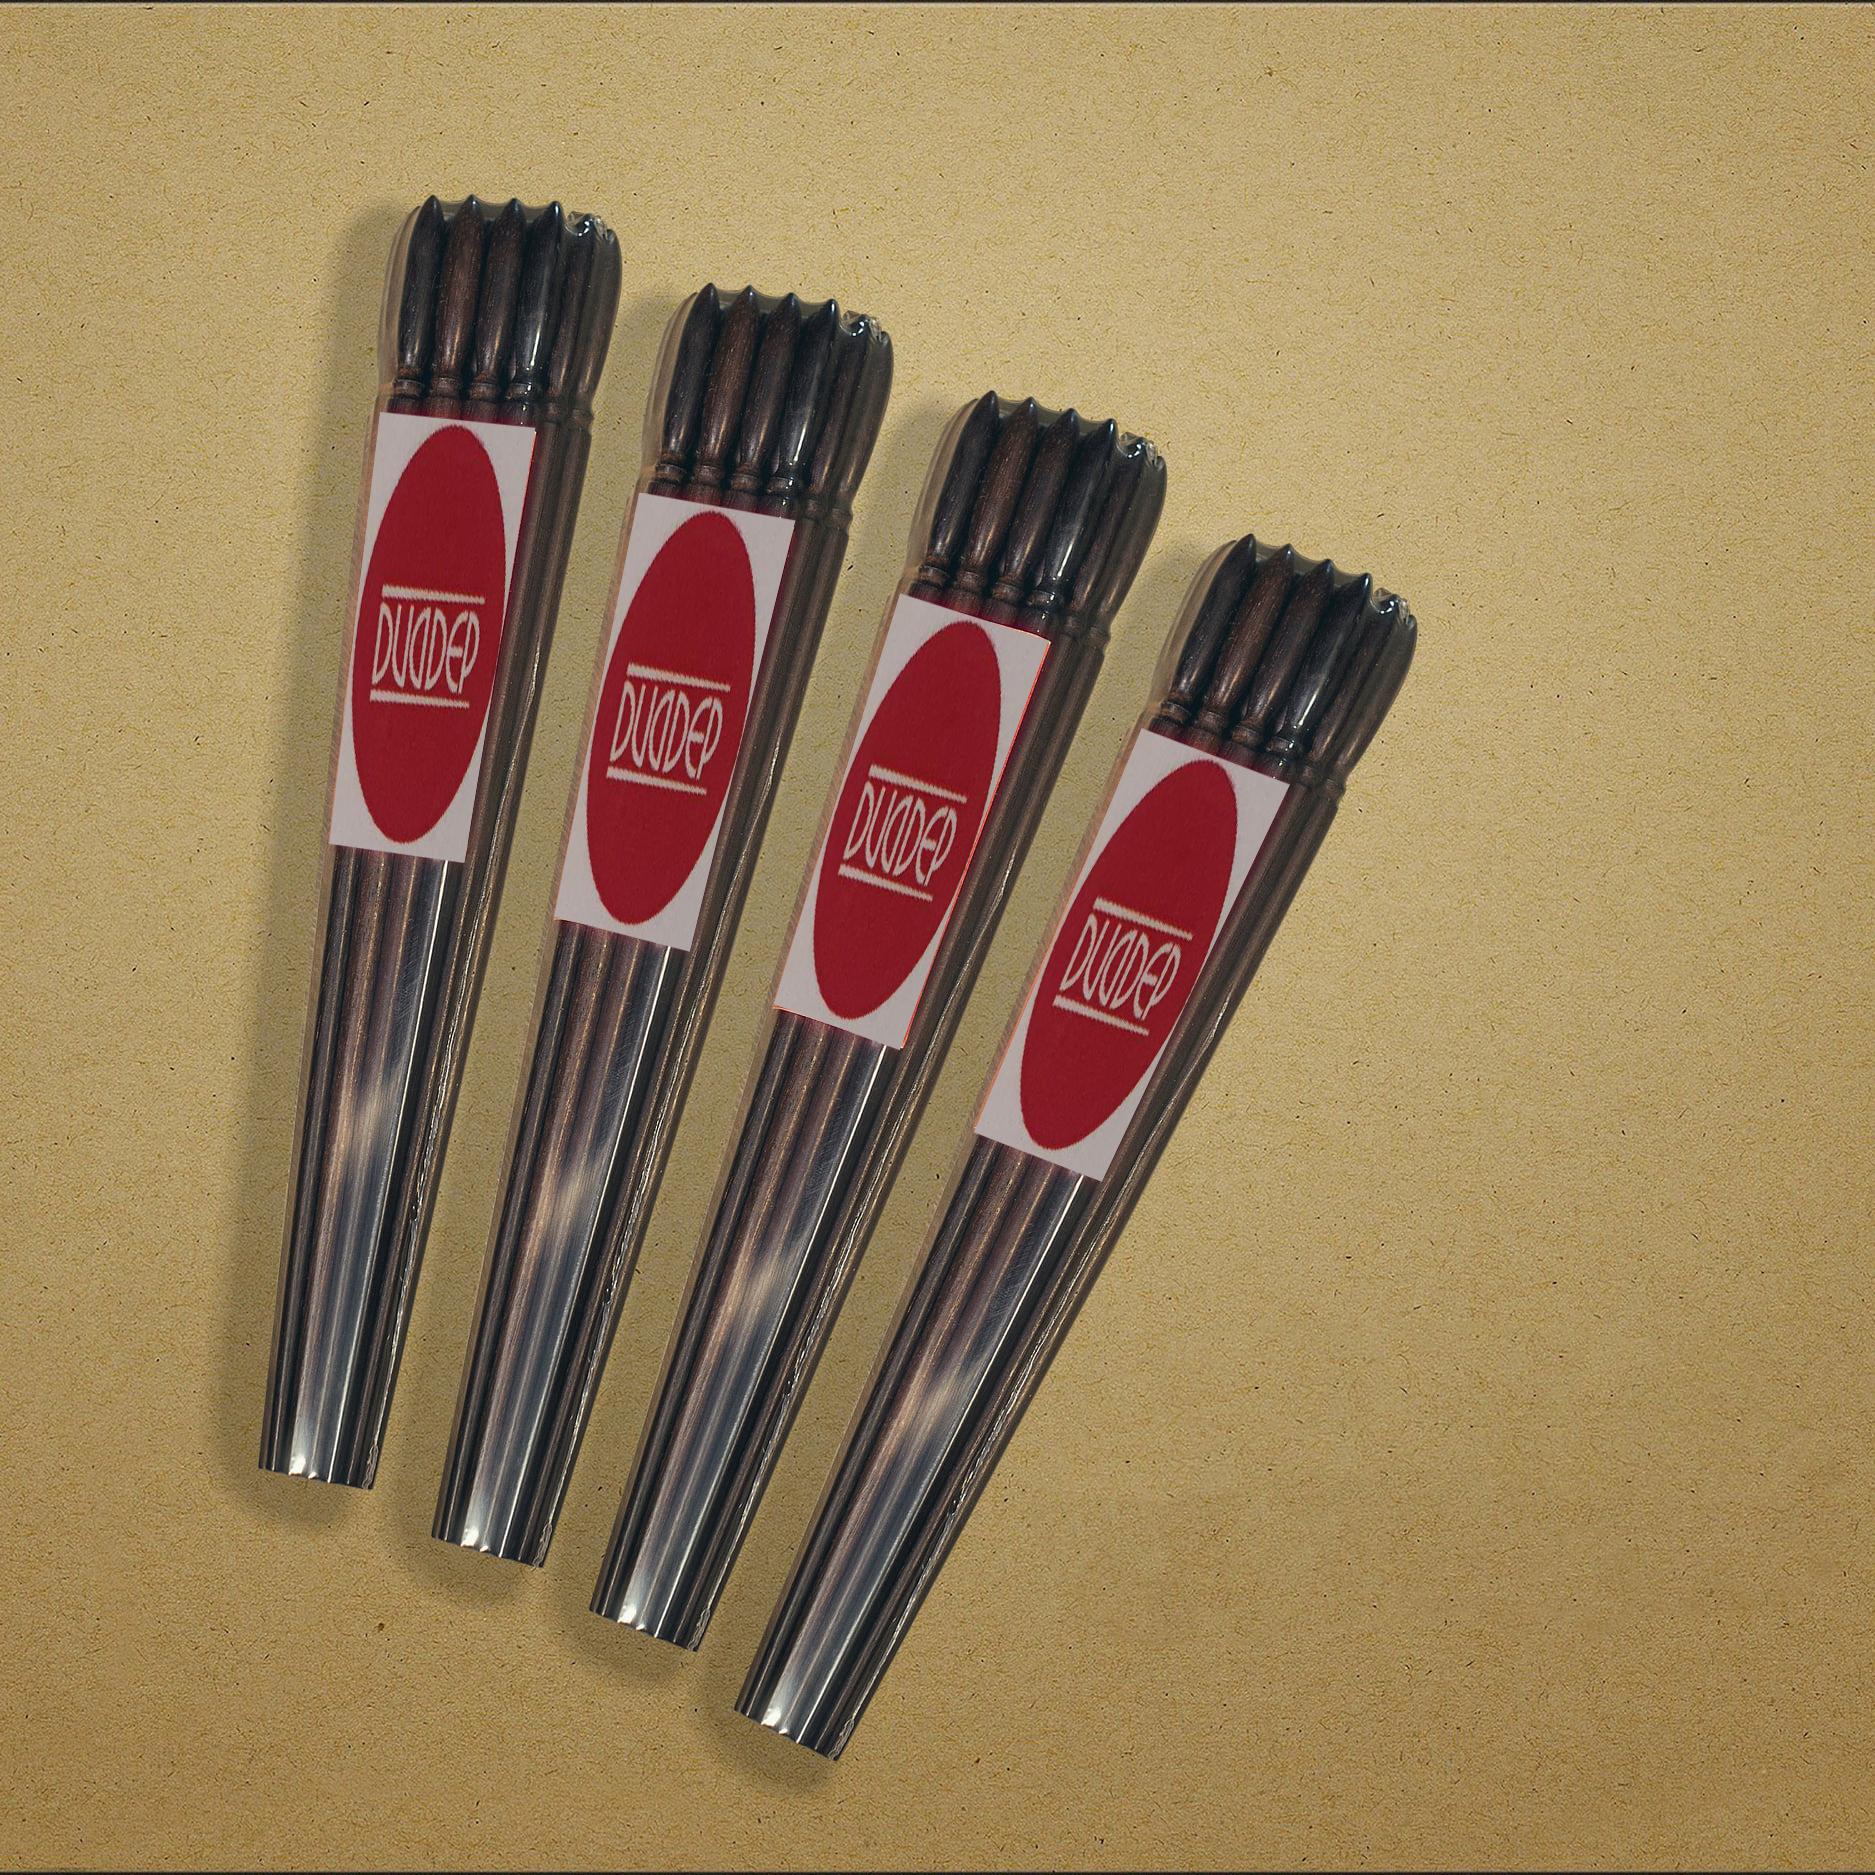 40 đôi đũa gỗ TRẮC không nhuộm màu không mùi gỗ trần mộc tự nhiên